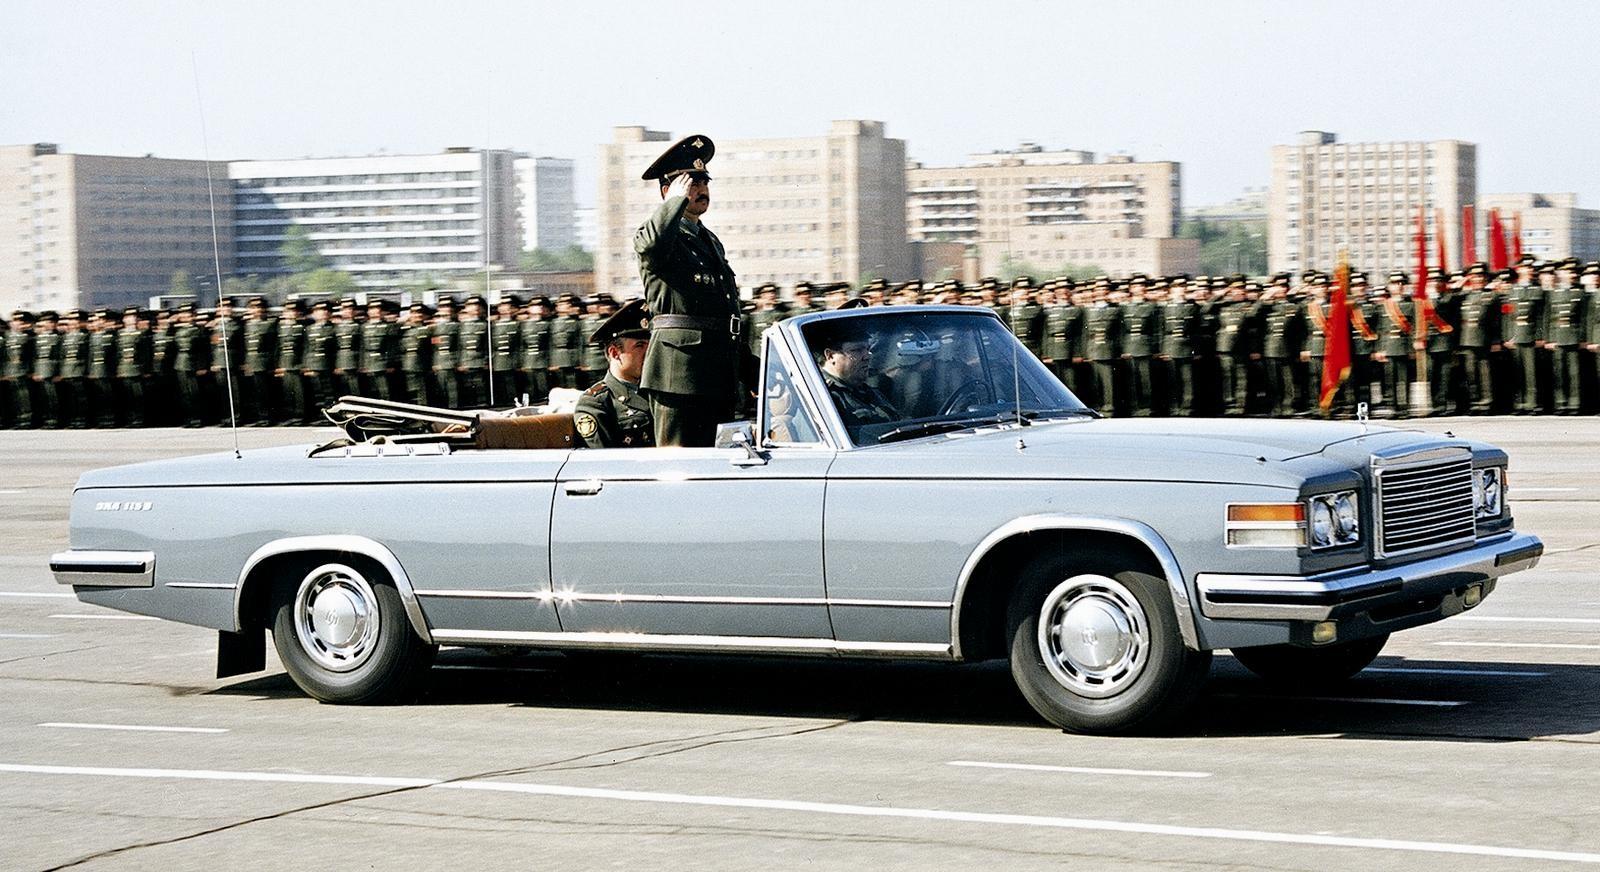 Репетиция военного парада на открытом автомобиле ЗИЛ-41044. 1983 год